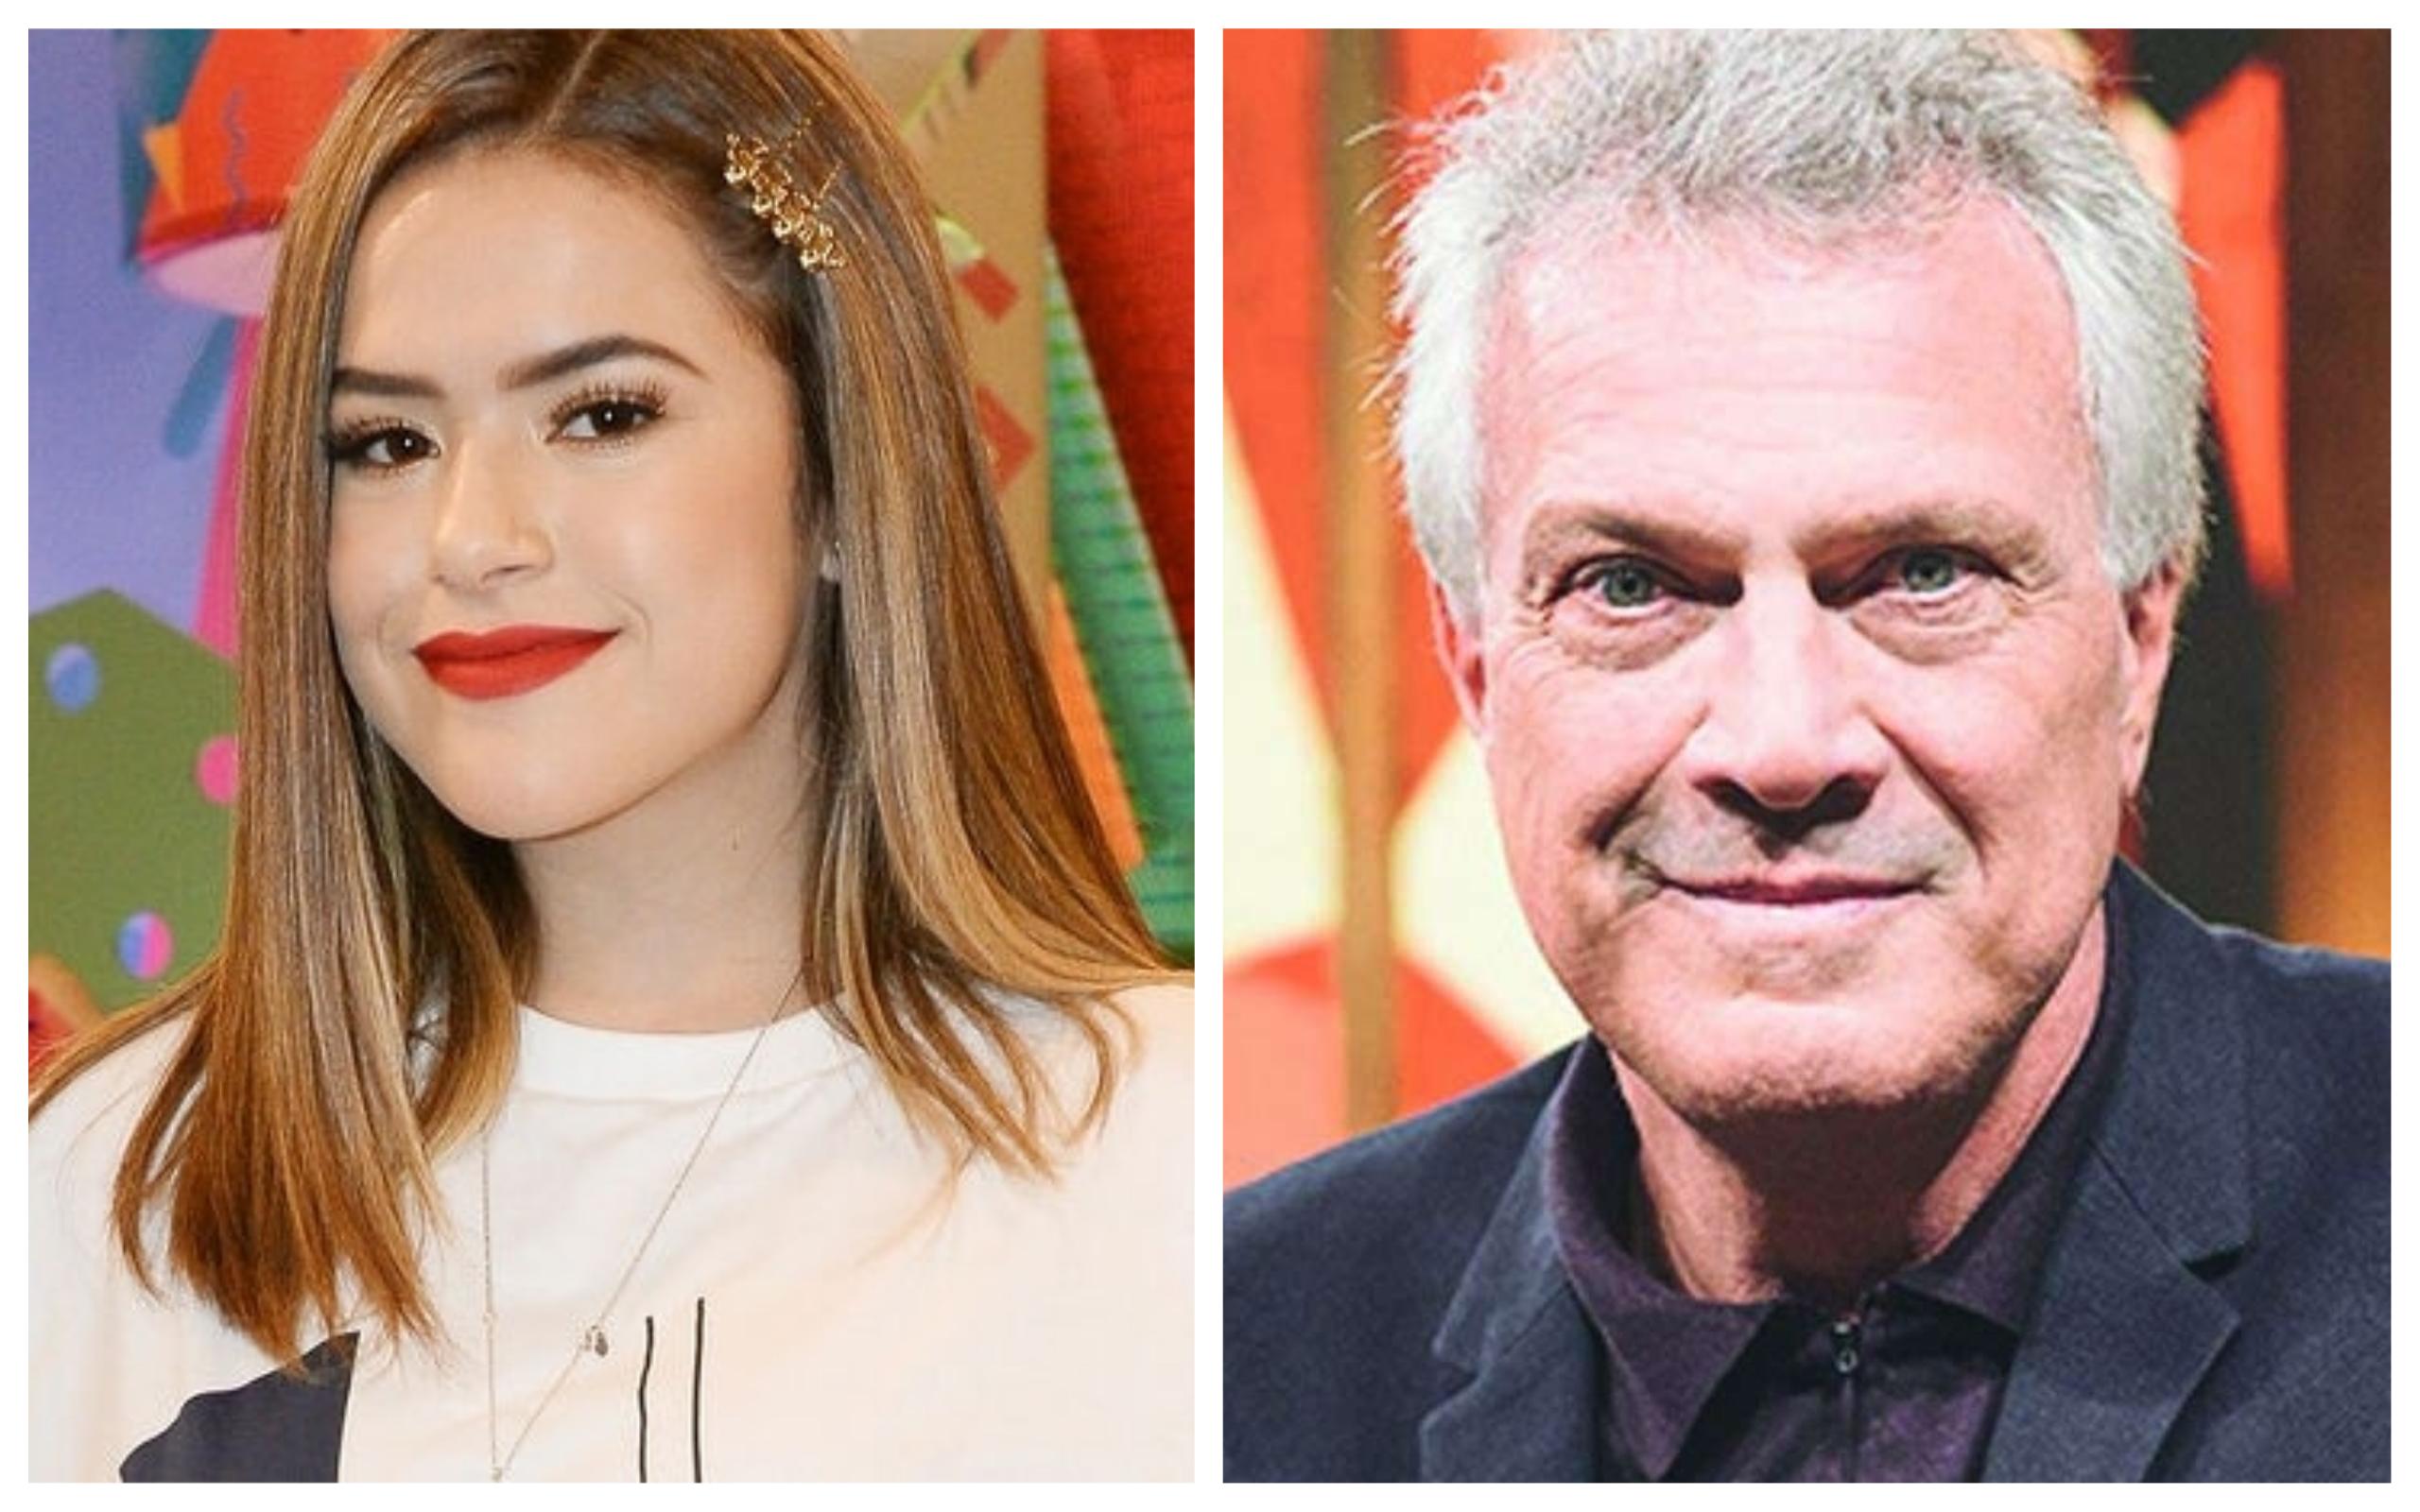 Maisa Silva contará com a presença ilustre do apresentador Pedro Bial, da Globo, em seu programa no SBT (foto: Divulgação / TV Foco)